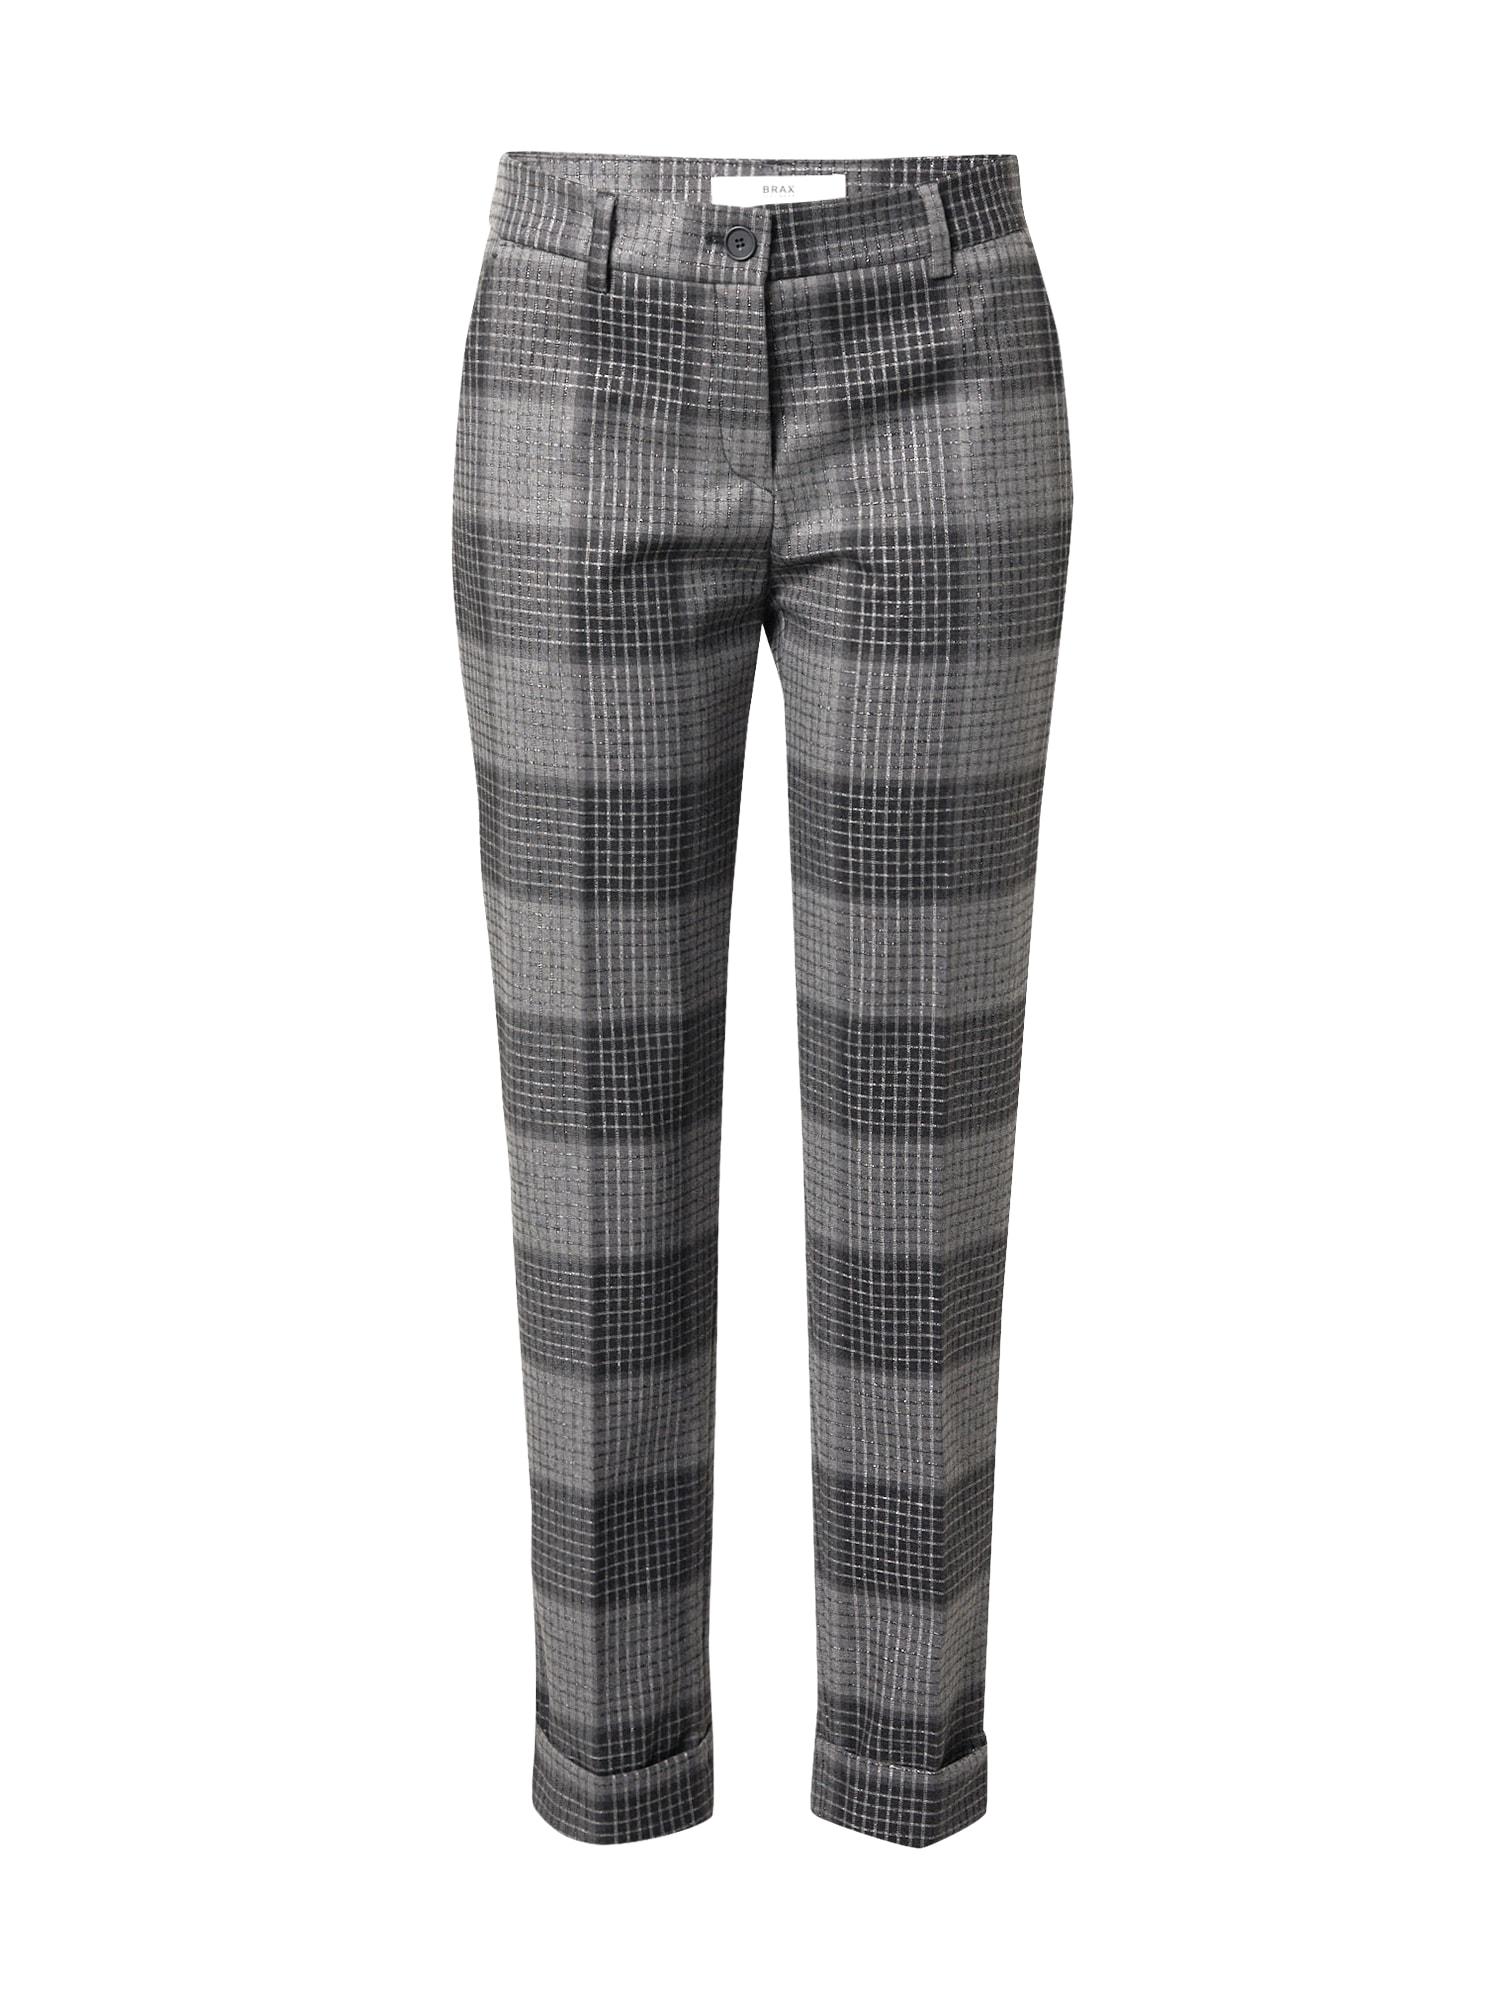 BRAX Kelnės su kantu tamsiai pilka / sidabro pilka